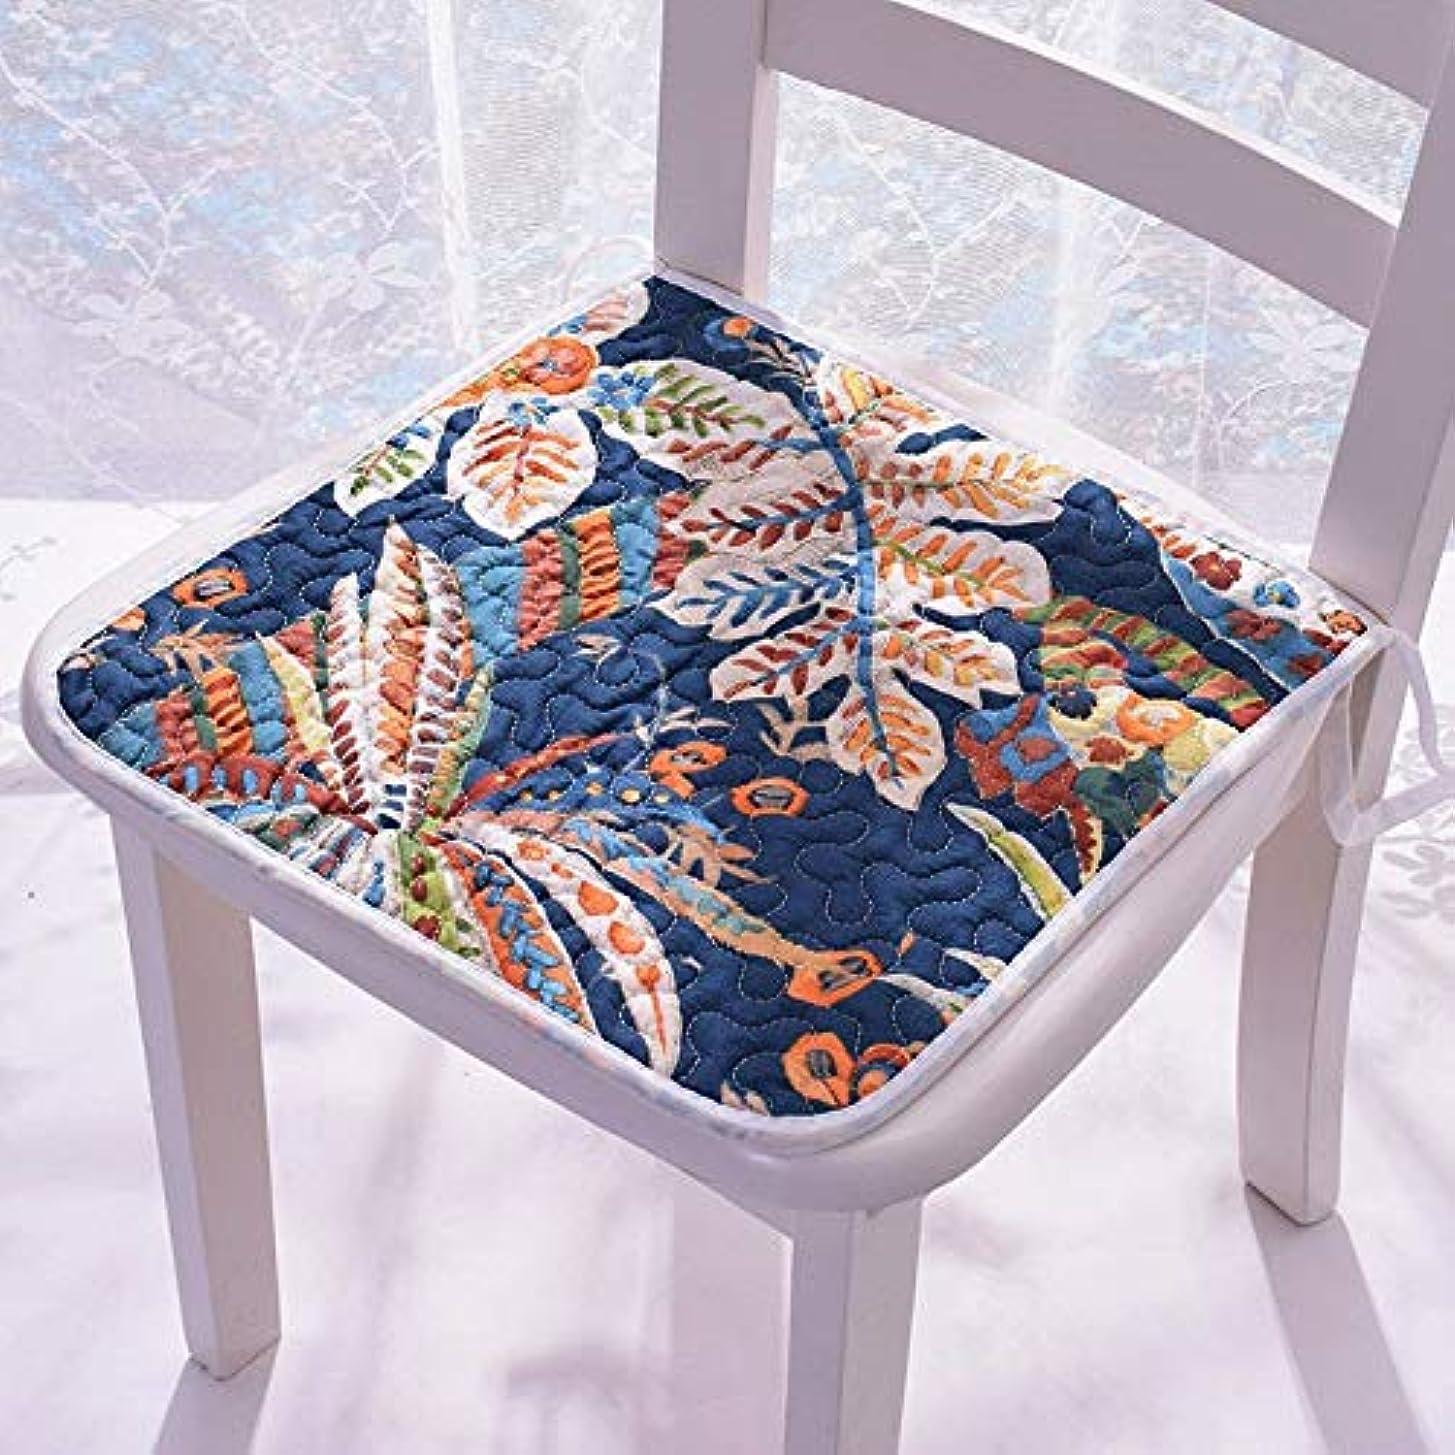 クリックうねるフェロー諸島LIFE 現代スーパーソフト椅子クッション非スリップシートクッションマットソファホームデコレーションバッククッションチェアパッド 40*40/45*45/50*50 センチメートル クッション 椅子